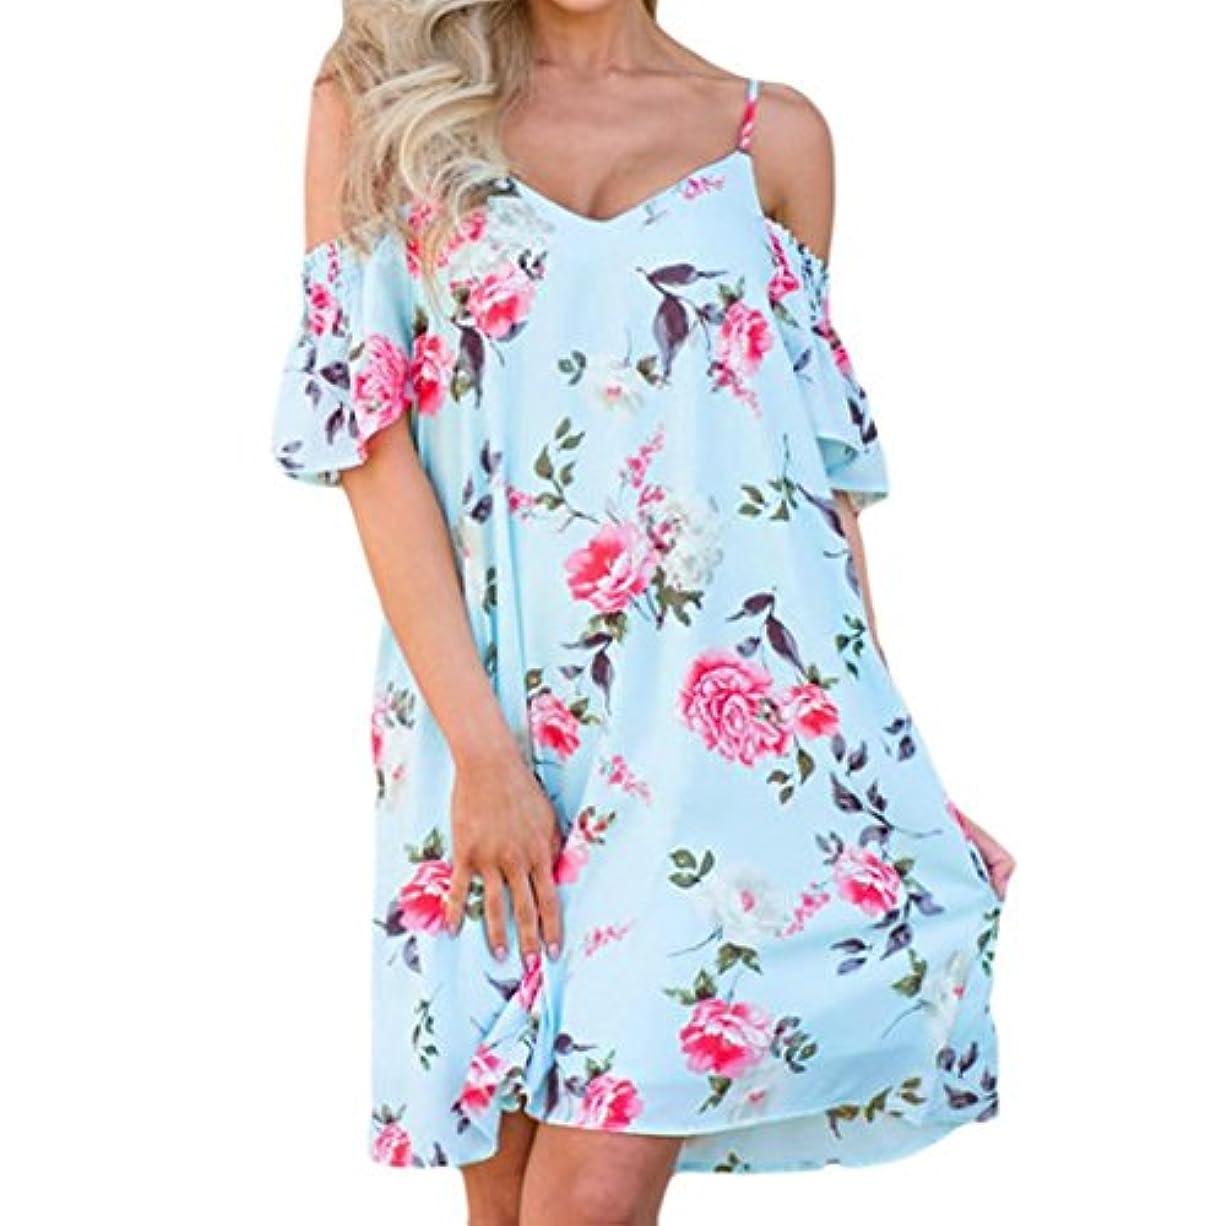 マイナス早い汚染されたSakuraBest Women's Summer Print Spaghetti Strap Flounce Loose Swing Midi Dress (M, Blue)